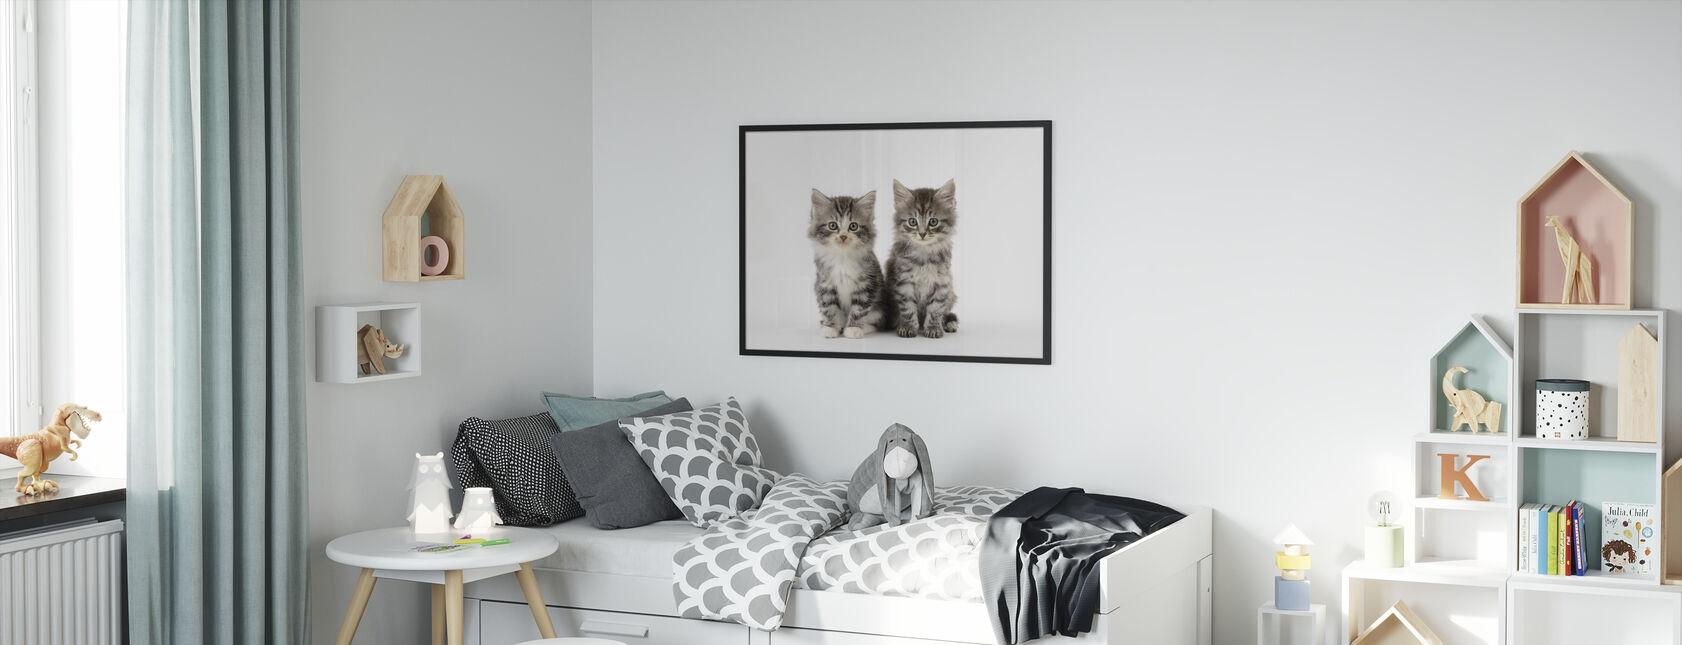 Katter hvit bakgrunn - Innrammet bilde - Barnerom